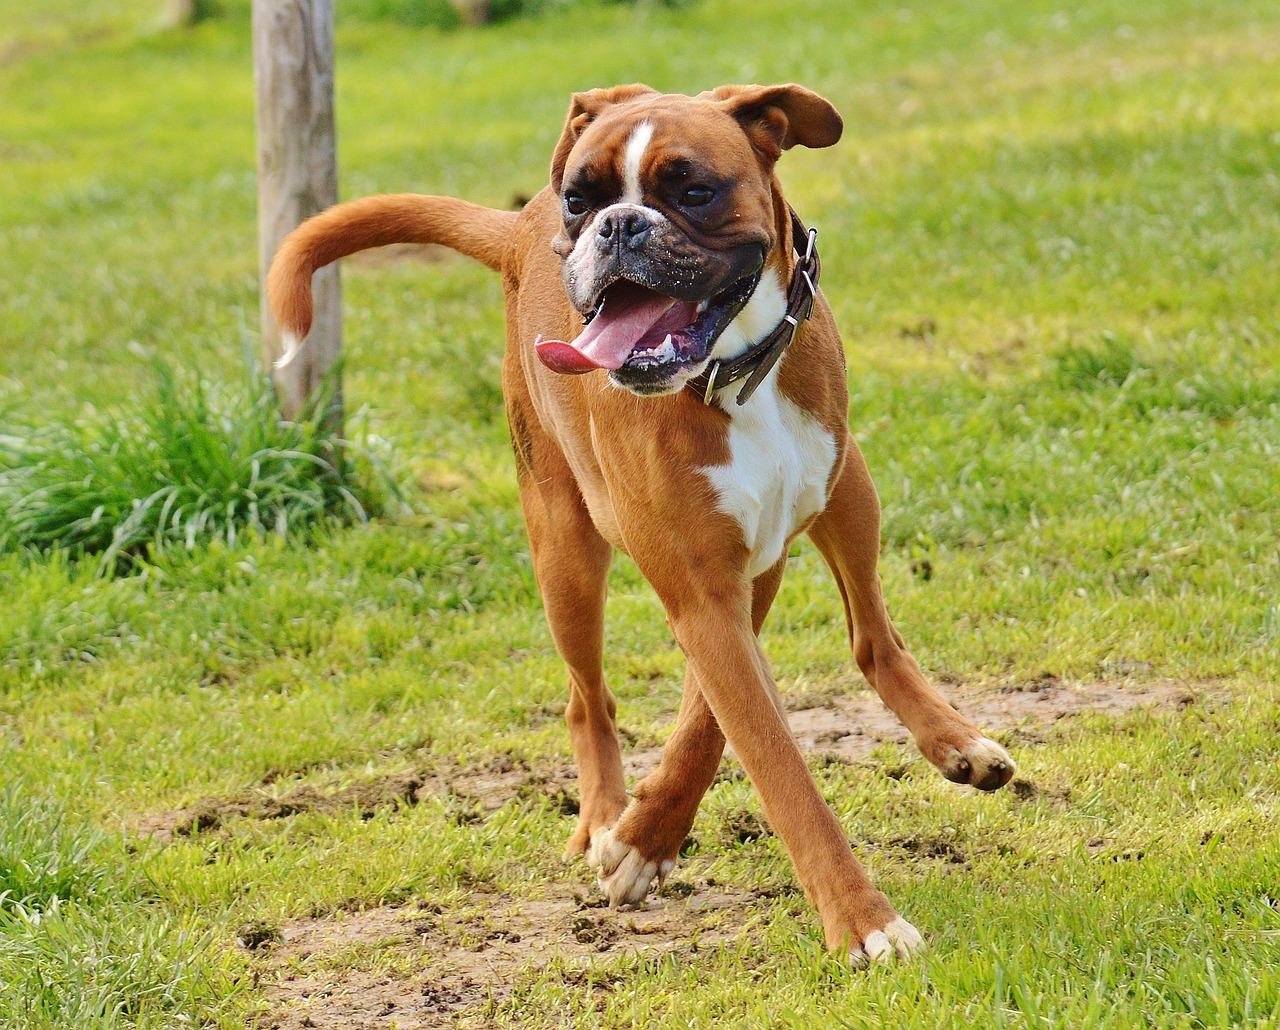 форумах фотки боксера собаки версия дает возможность